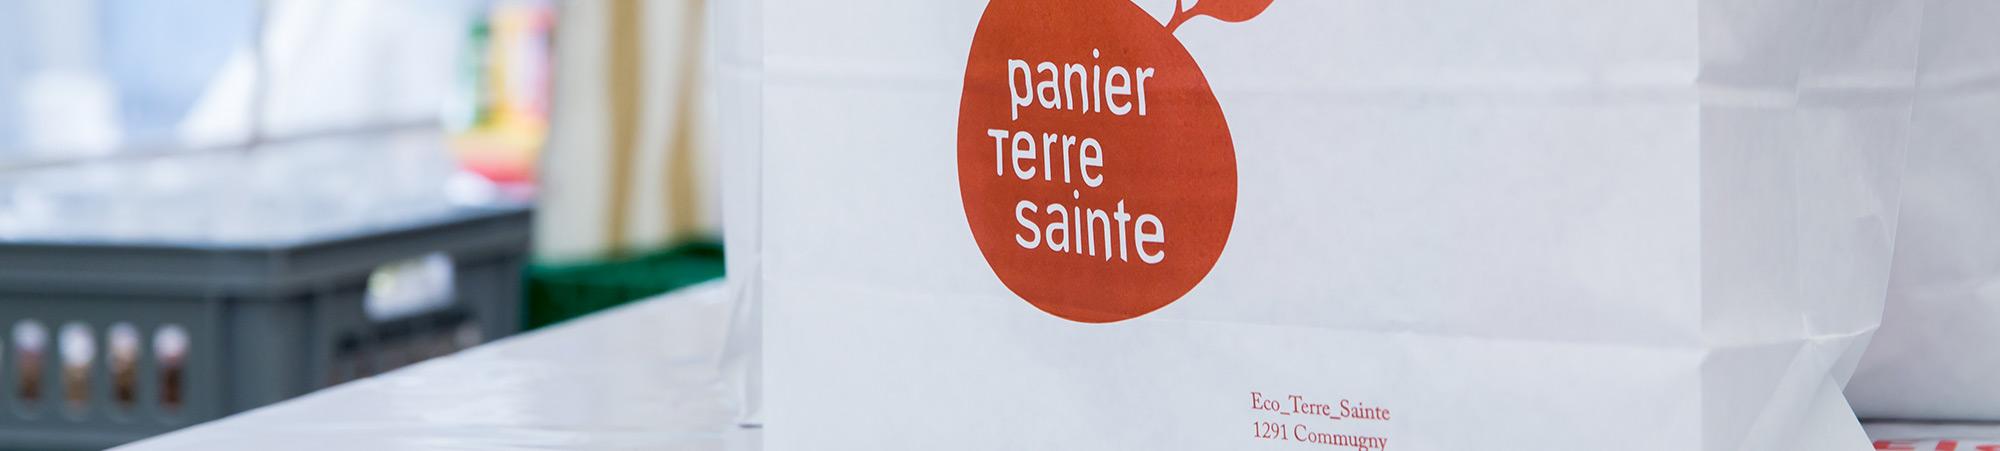 slide-panier-terre-sainte